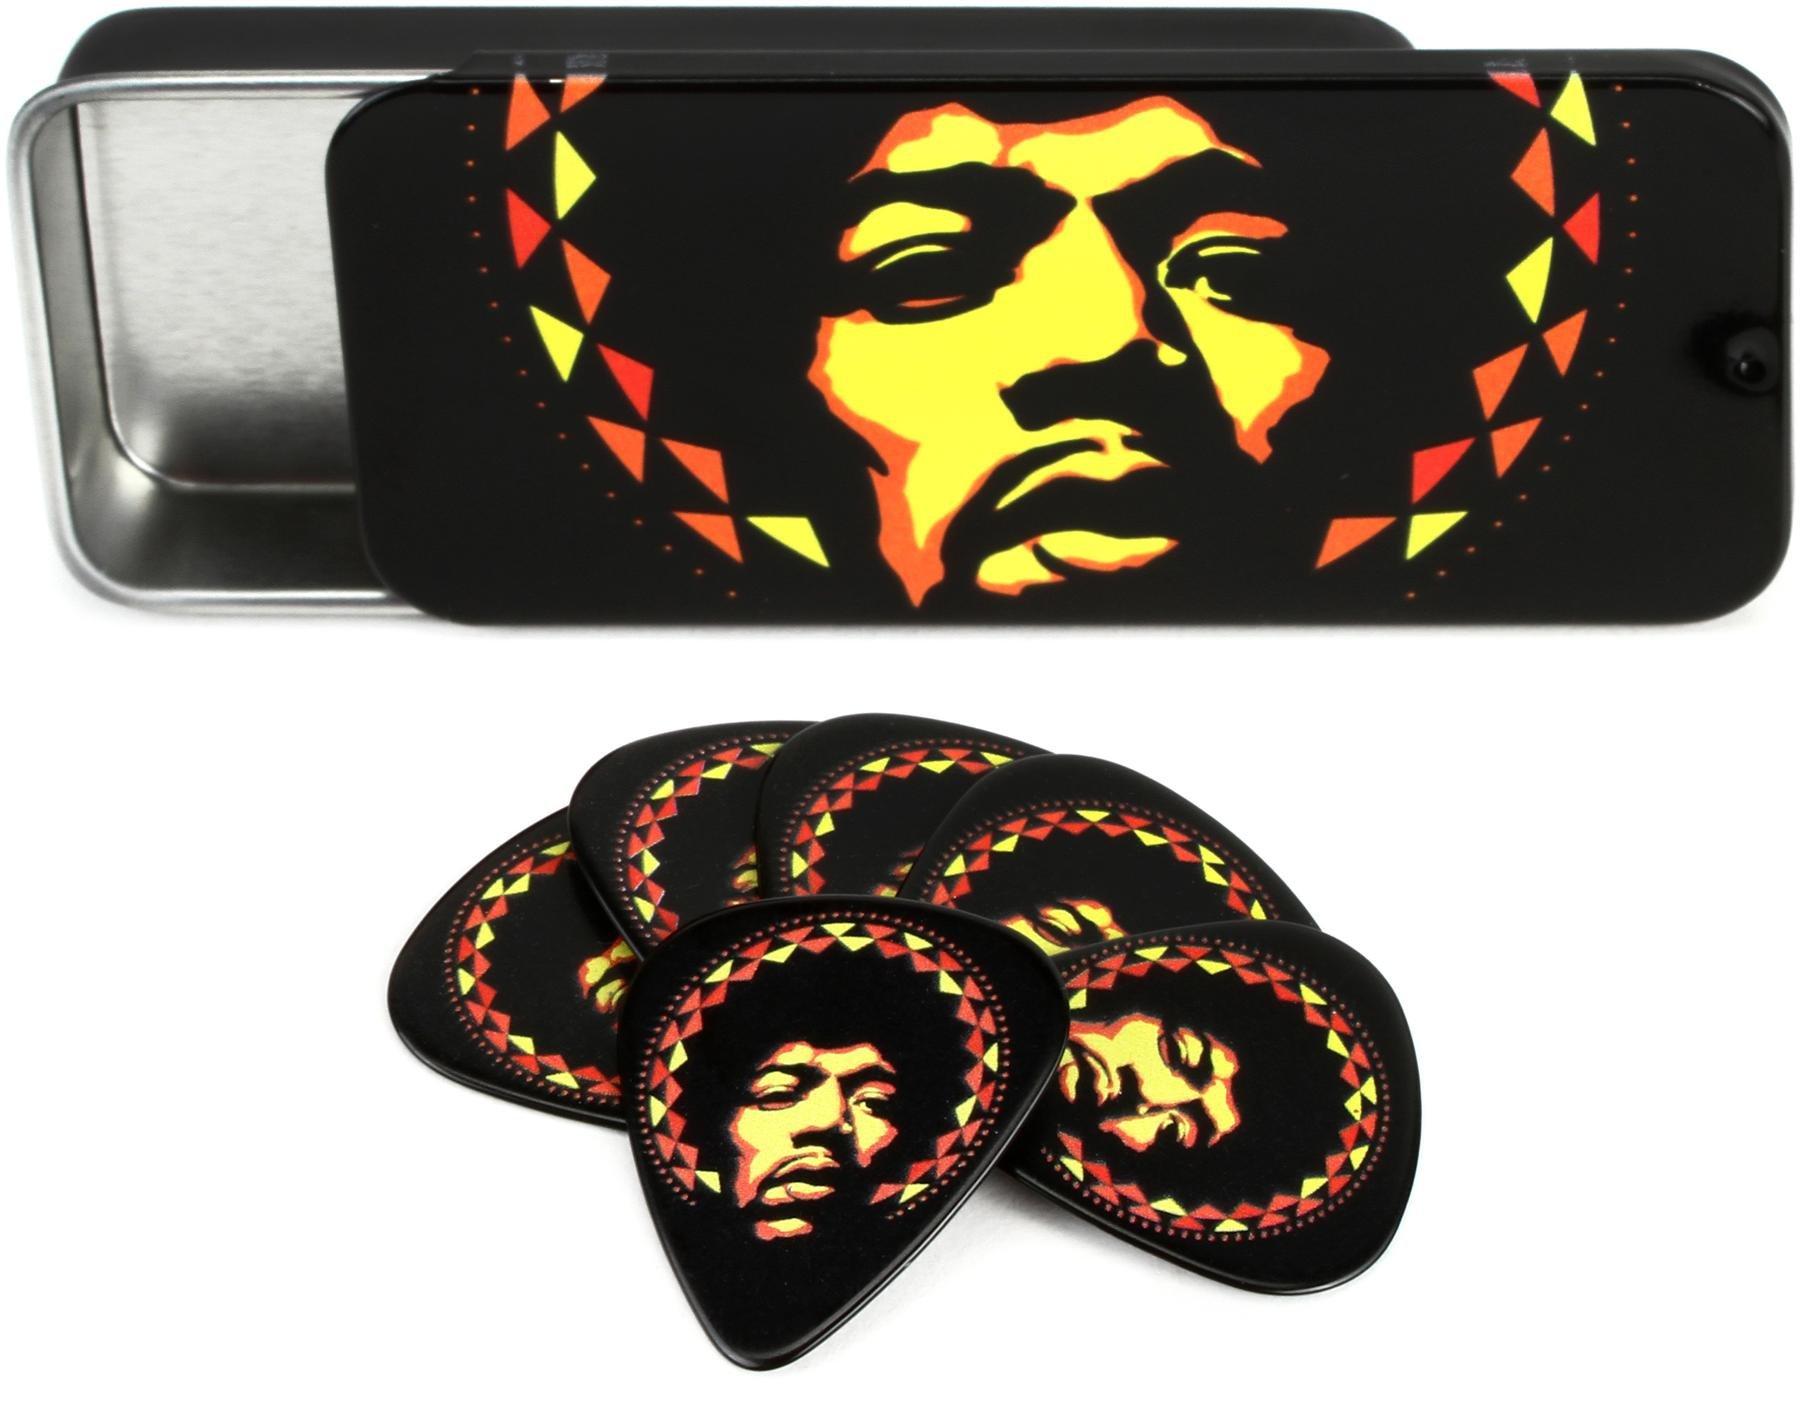 Dunlop Gitarrengurt Jimi Hendrix Offiziell Lizenziert Mandala